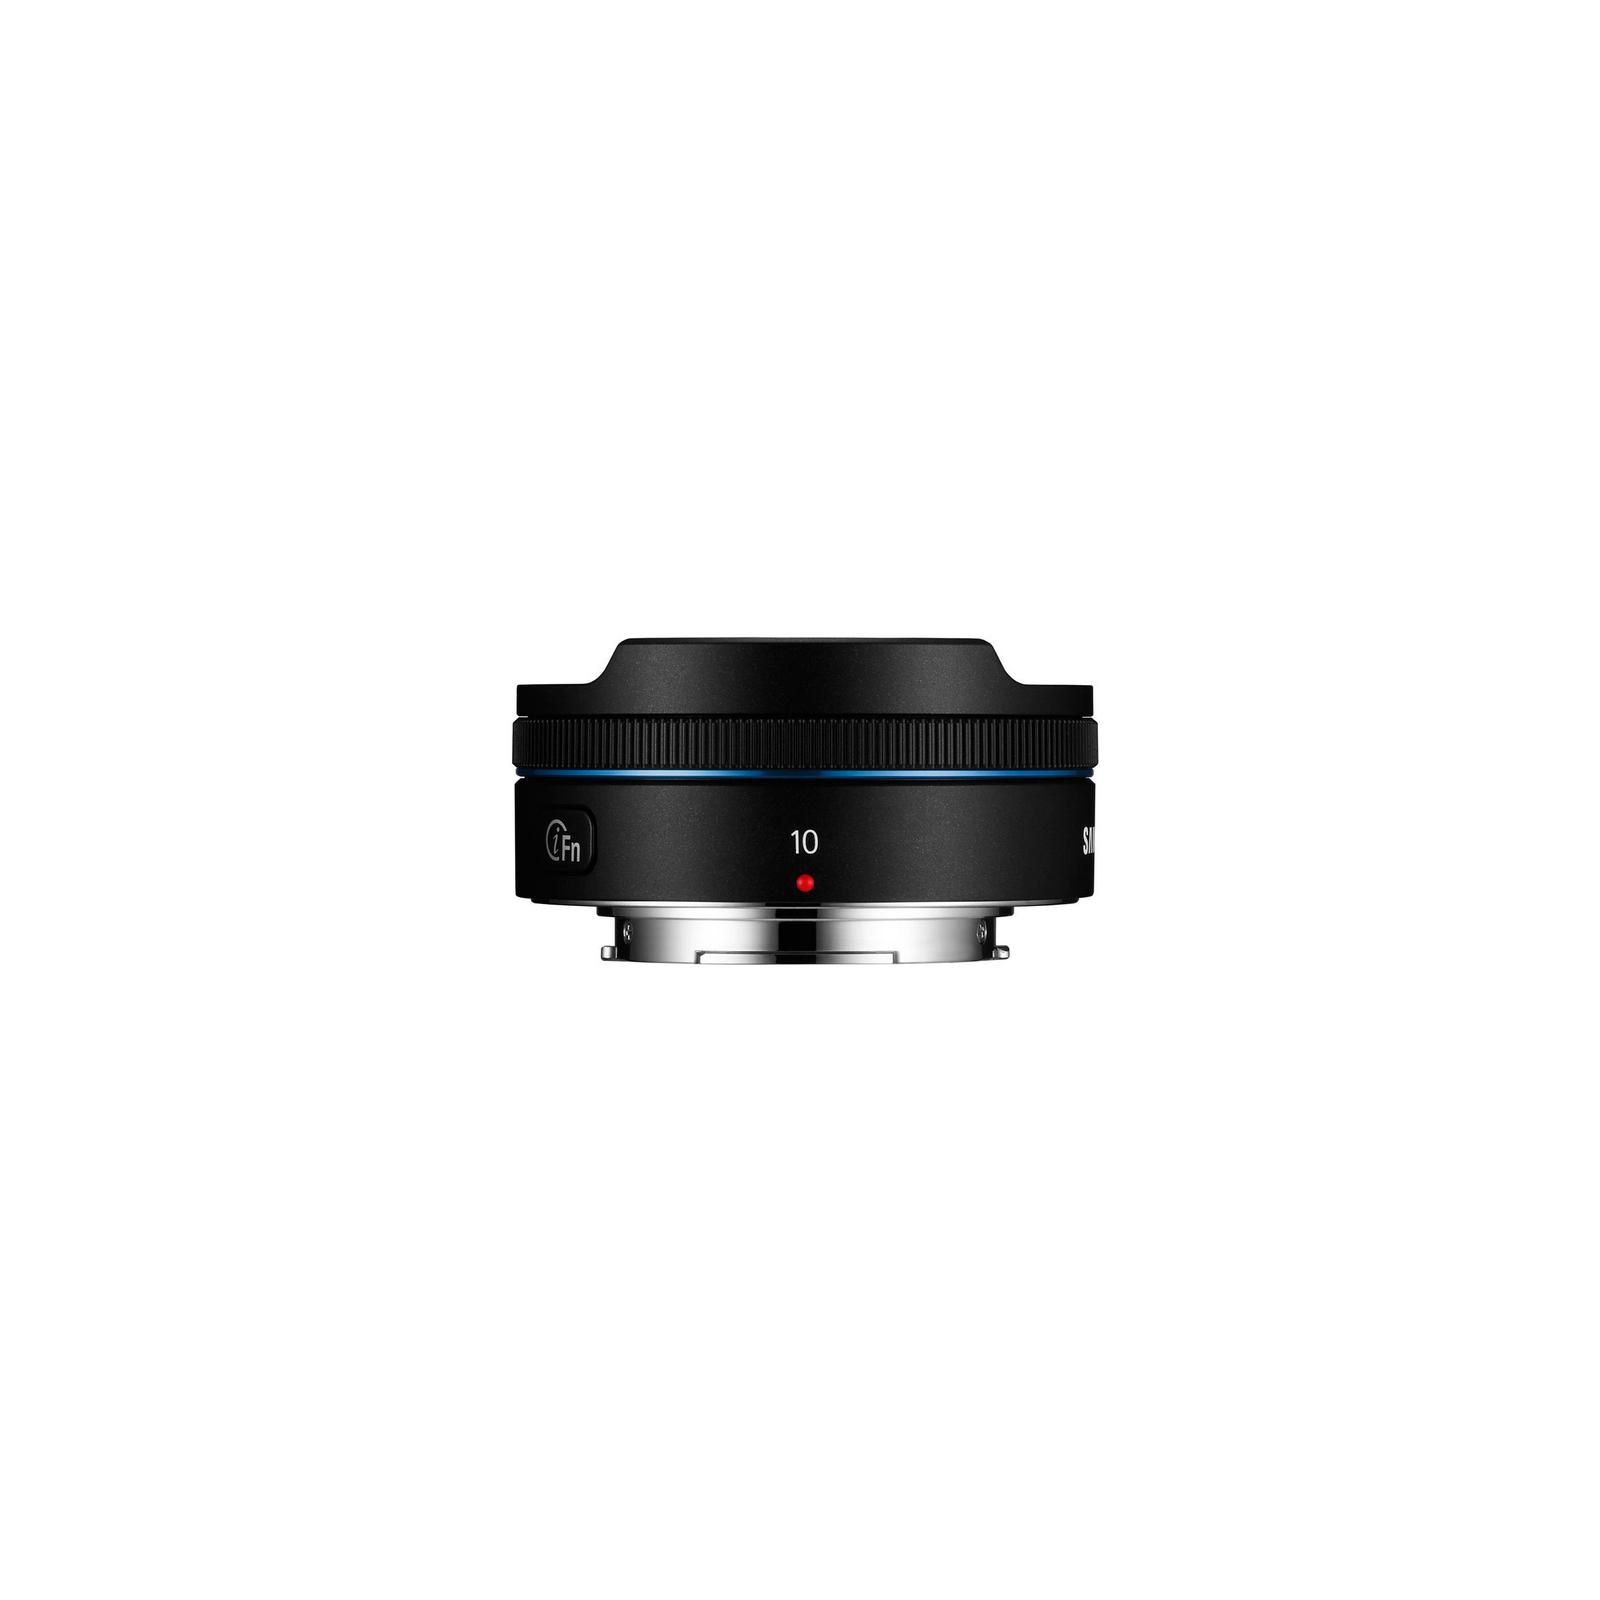 Объектив Samsung EX-F10ANW Fisheye Black (EX-F10ANB)